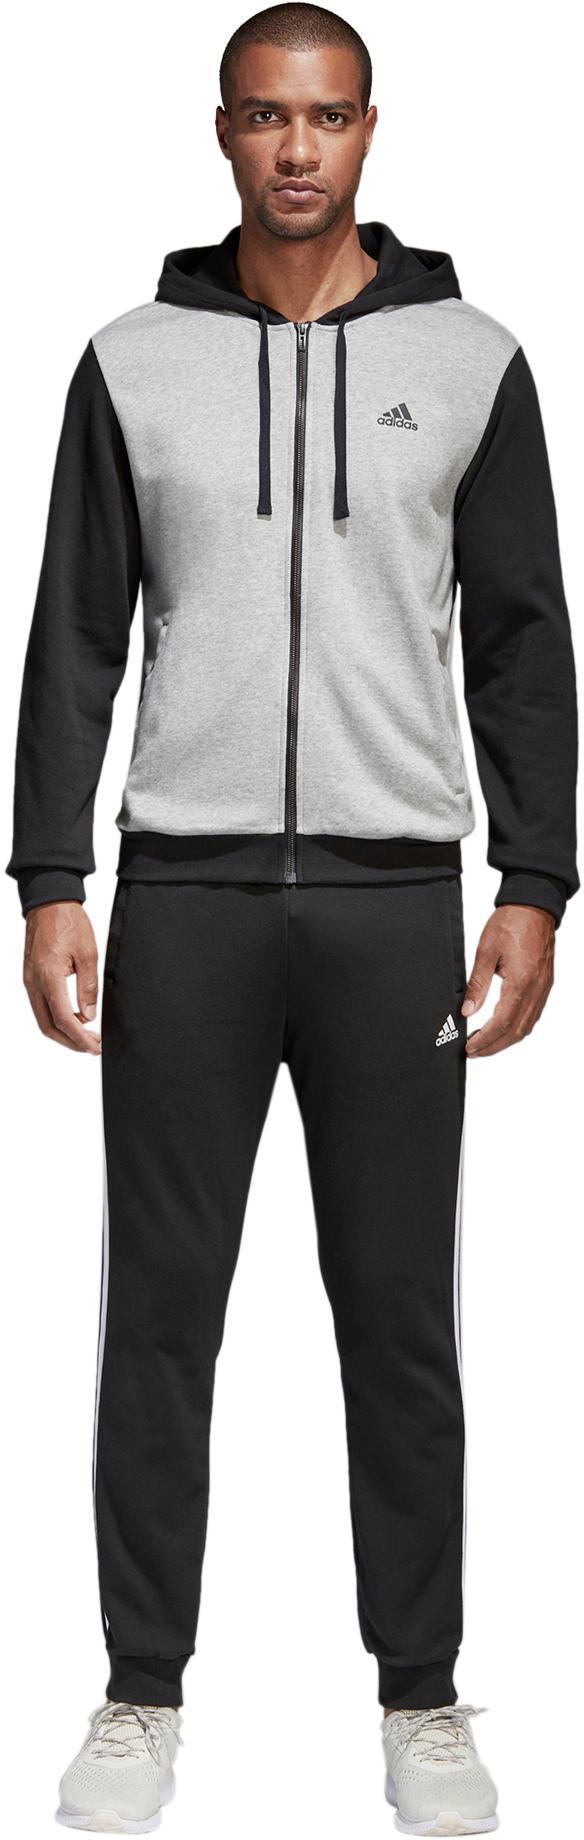 adidas Co Energize TS Trainingsanzug Herren black im Online Shop von SportScheck kaufen